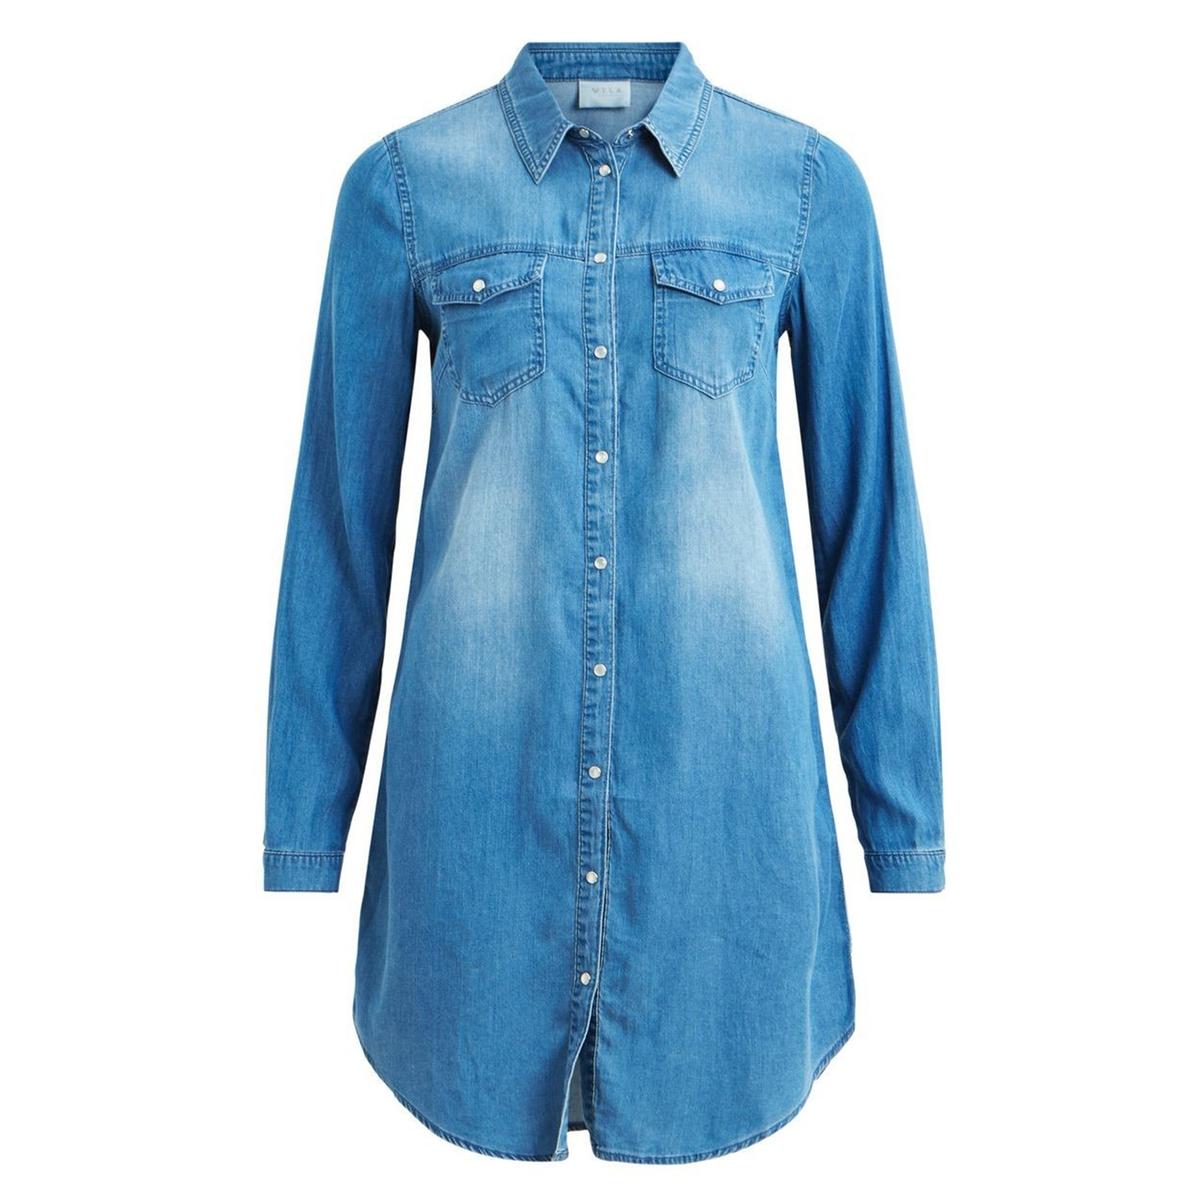 Платье прямое однотонное средней длины, с длинными рукавамиОписание:Детали •  Форма : прямая •  Длина до колен •  Длинные рукава    •  Рубашечный воротник полоСостав и уход •  30 % хлопок, 70 % лиоцелл •  Следуйте советам по уходу, указанным на этикетке<br><br>Цвет: синий стираный<br>Размер: XS.L